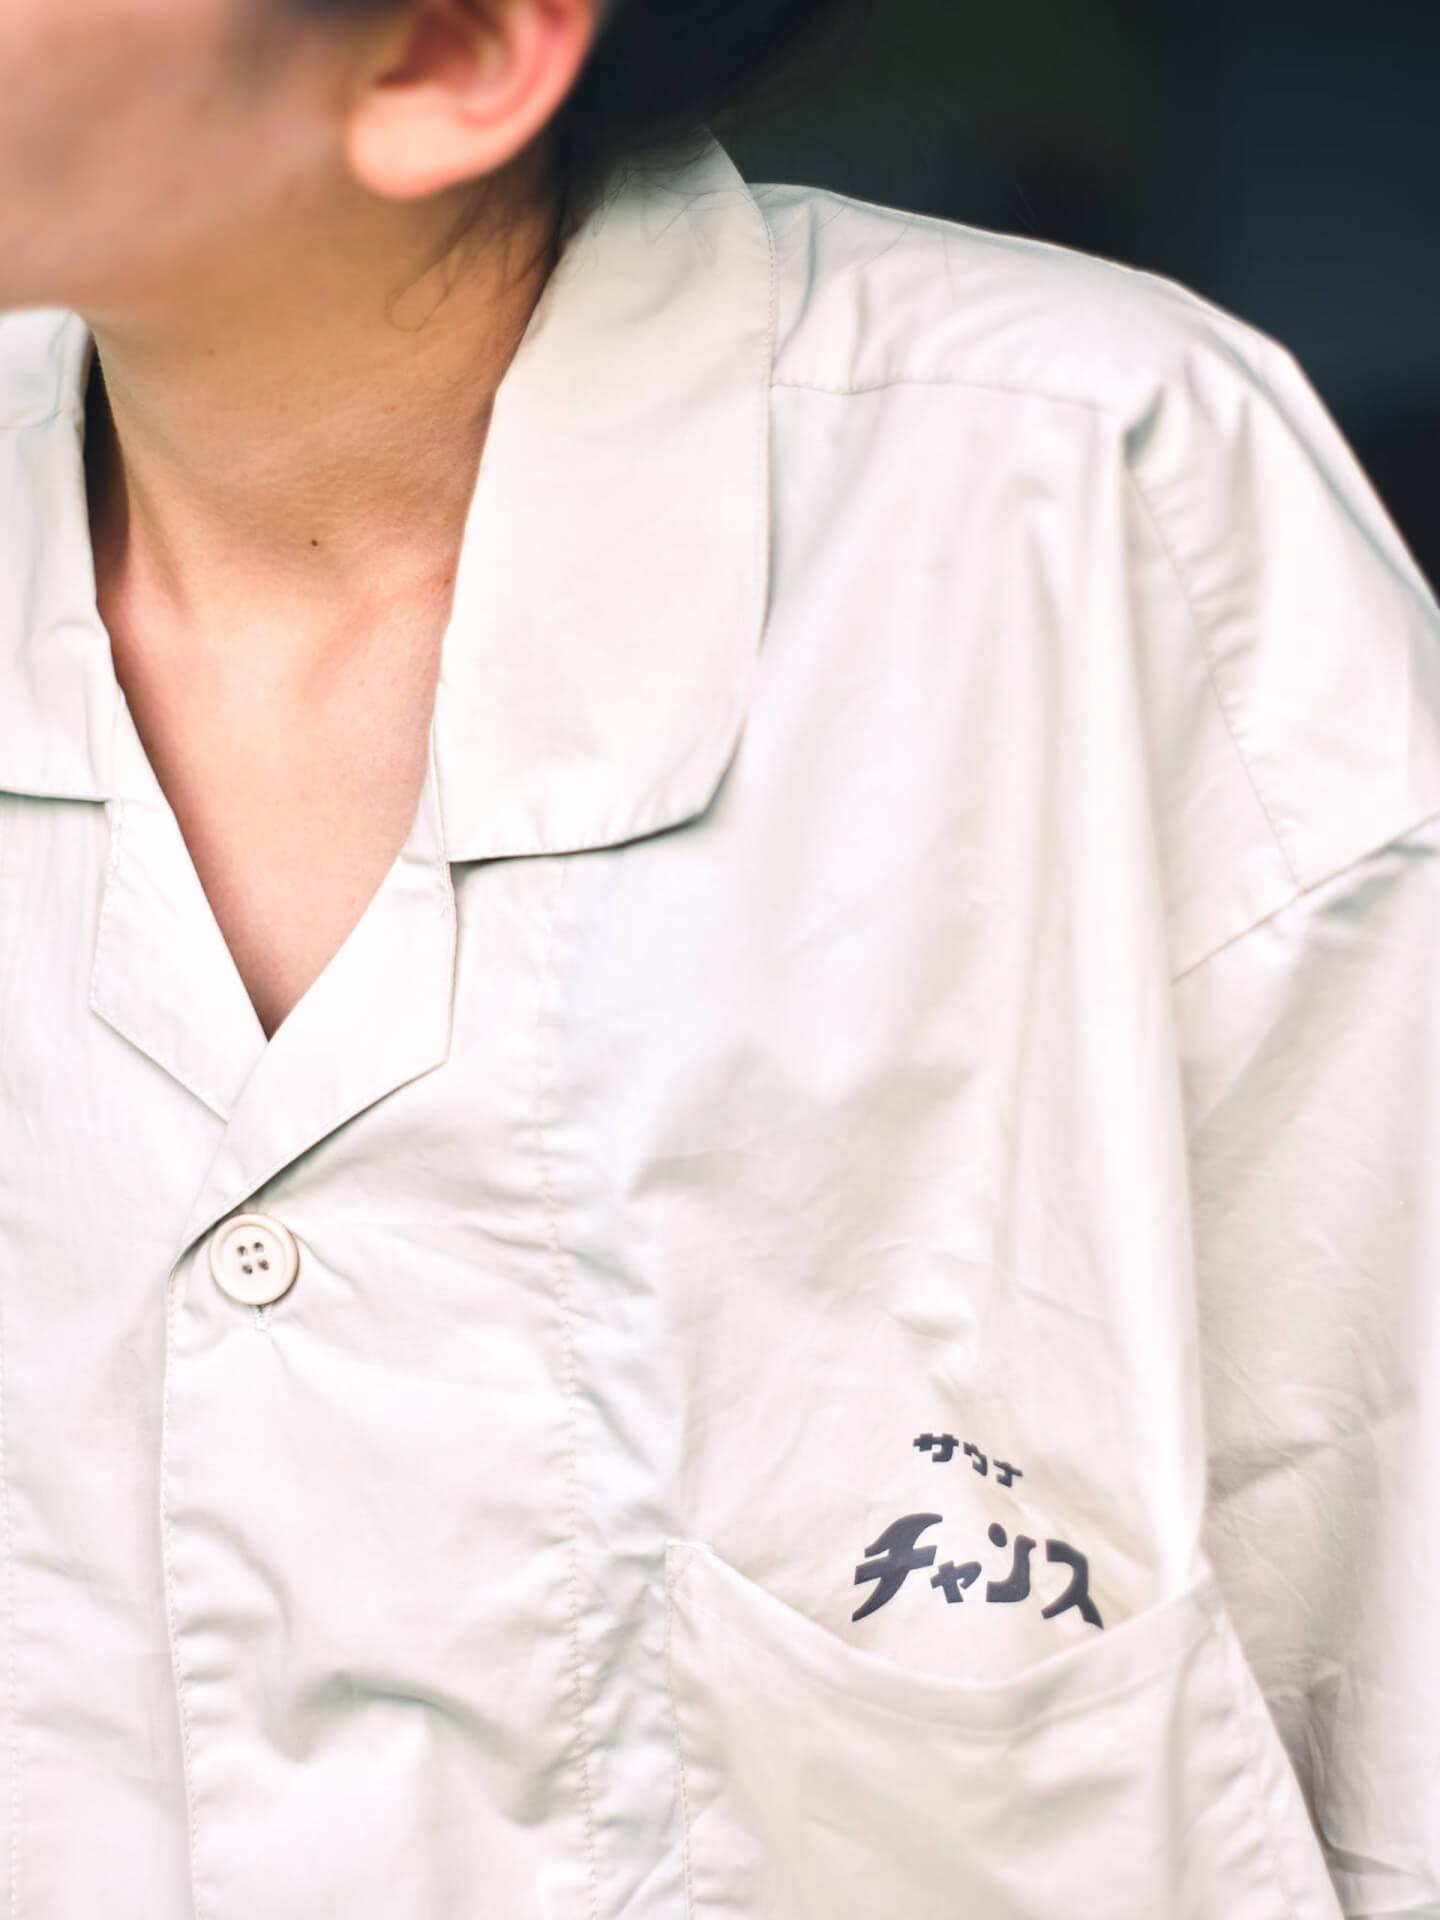 サウナイキタイのサウナグッズ2021年夏バージョンが発売!ペリカンシャツ、サコッシュなど5アイテムが登場 life210729_saunaikitai_20